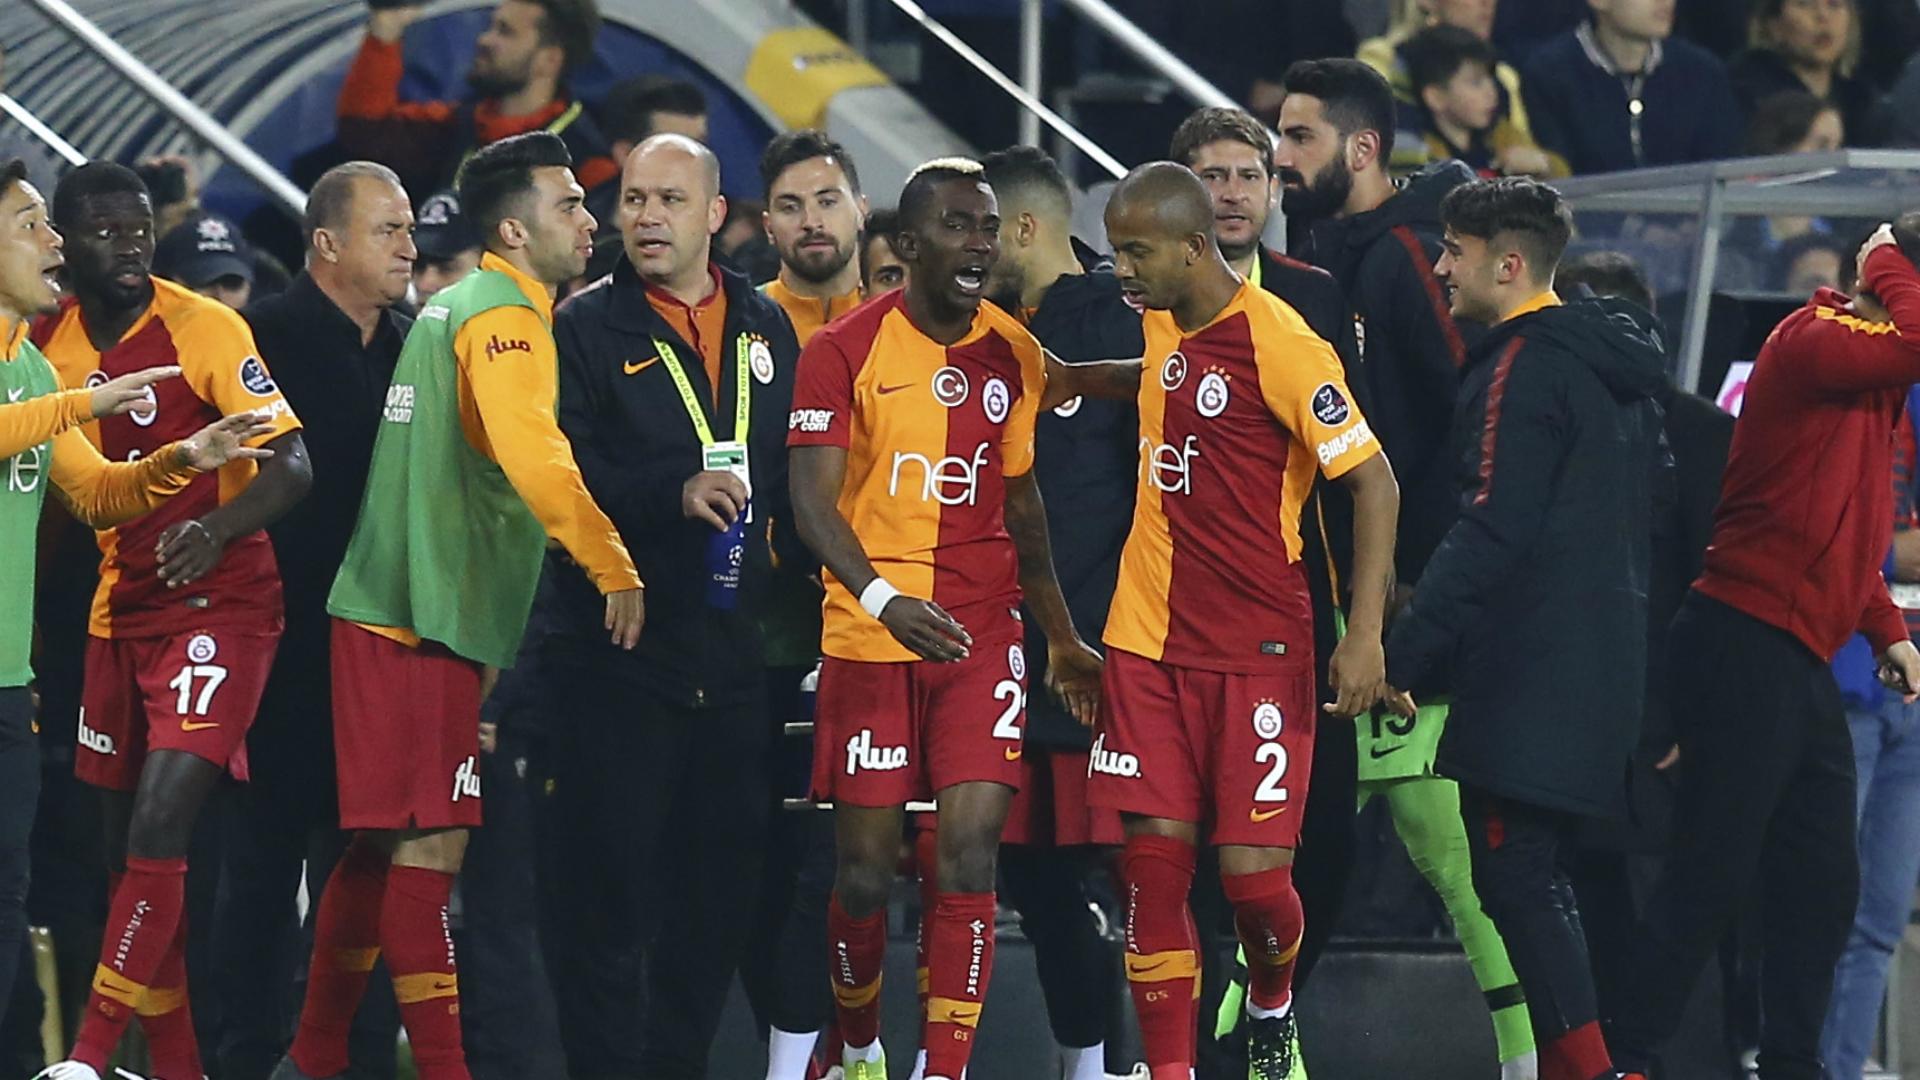 onyekwuru - Onyekwuru turns Oliver Twist after scoring for Galatasaray